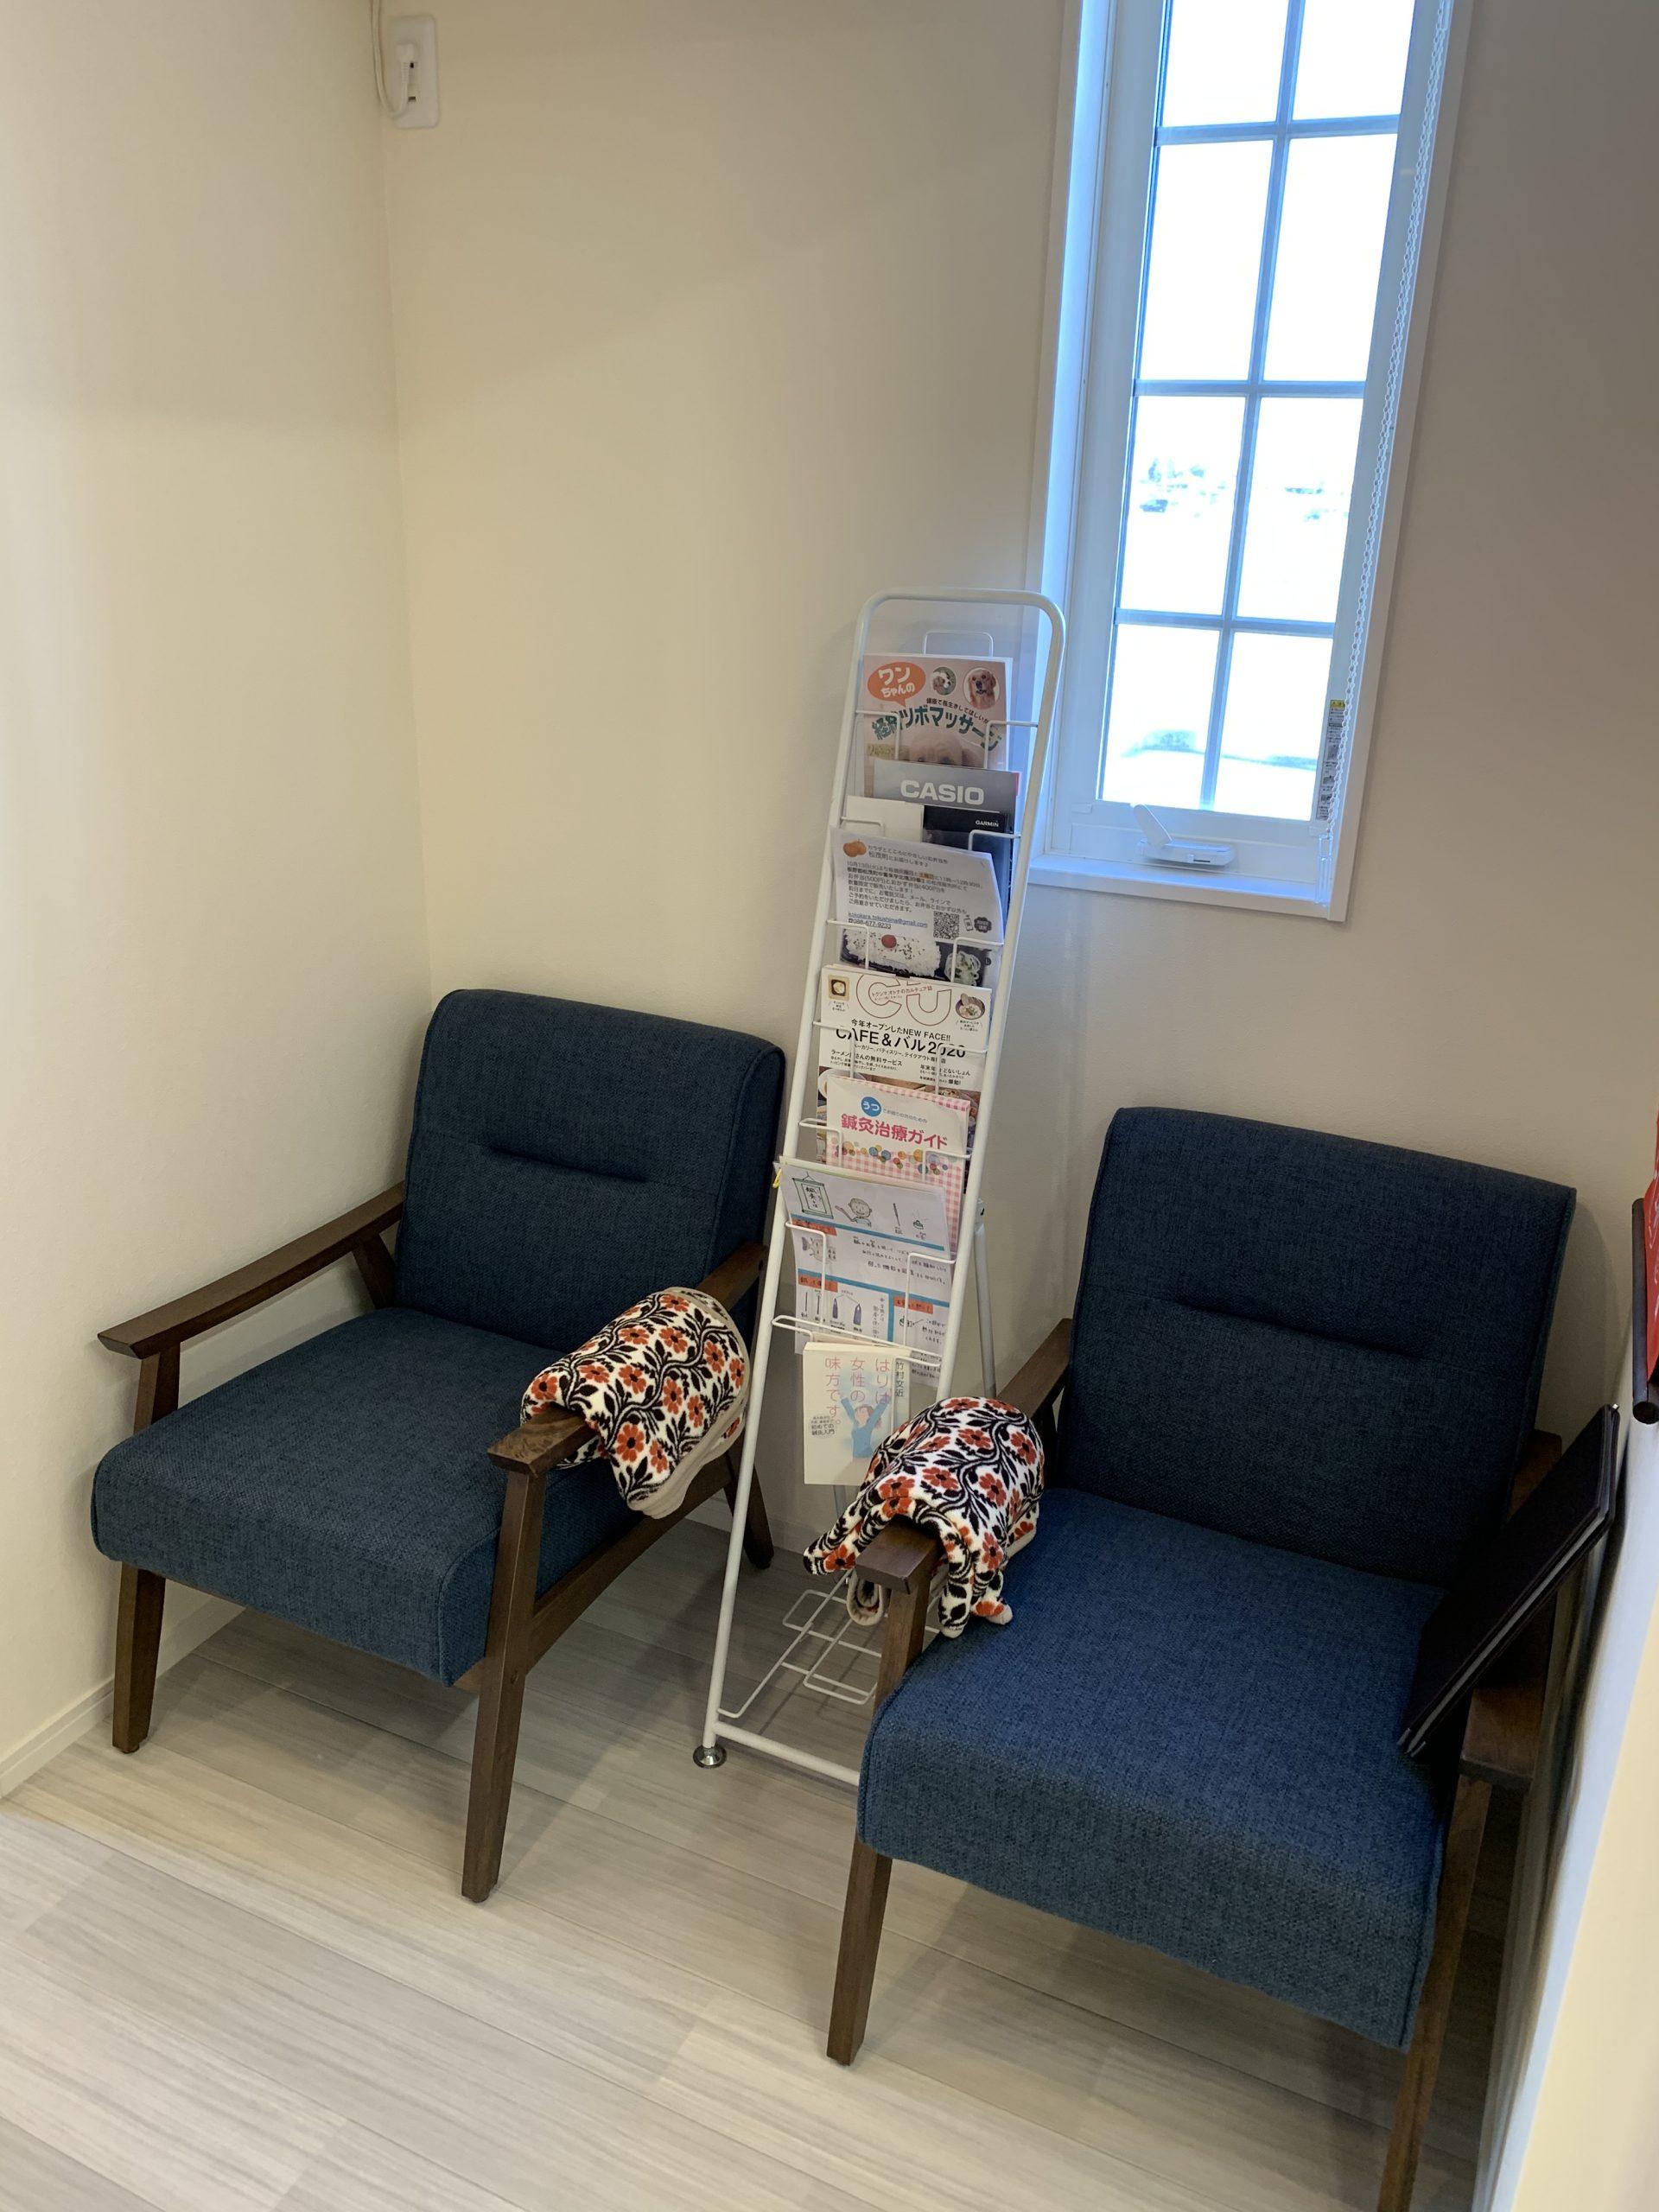 待合いスペースの椅子を新調しました